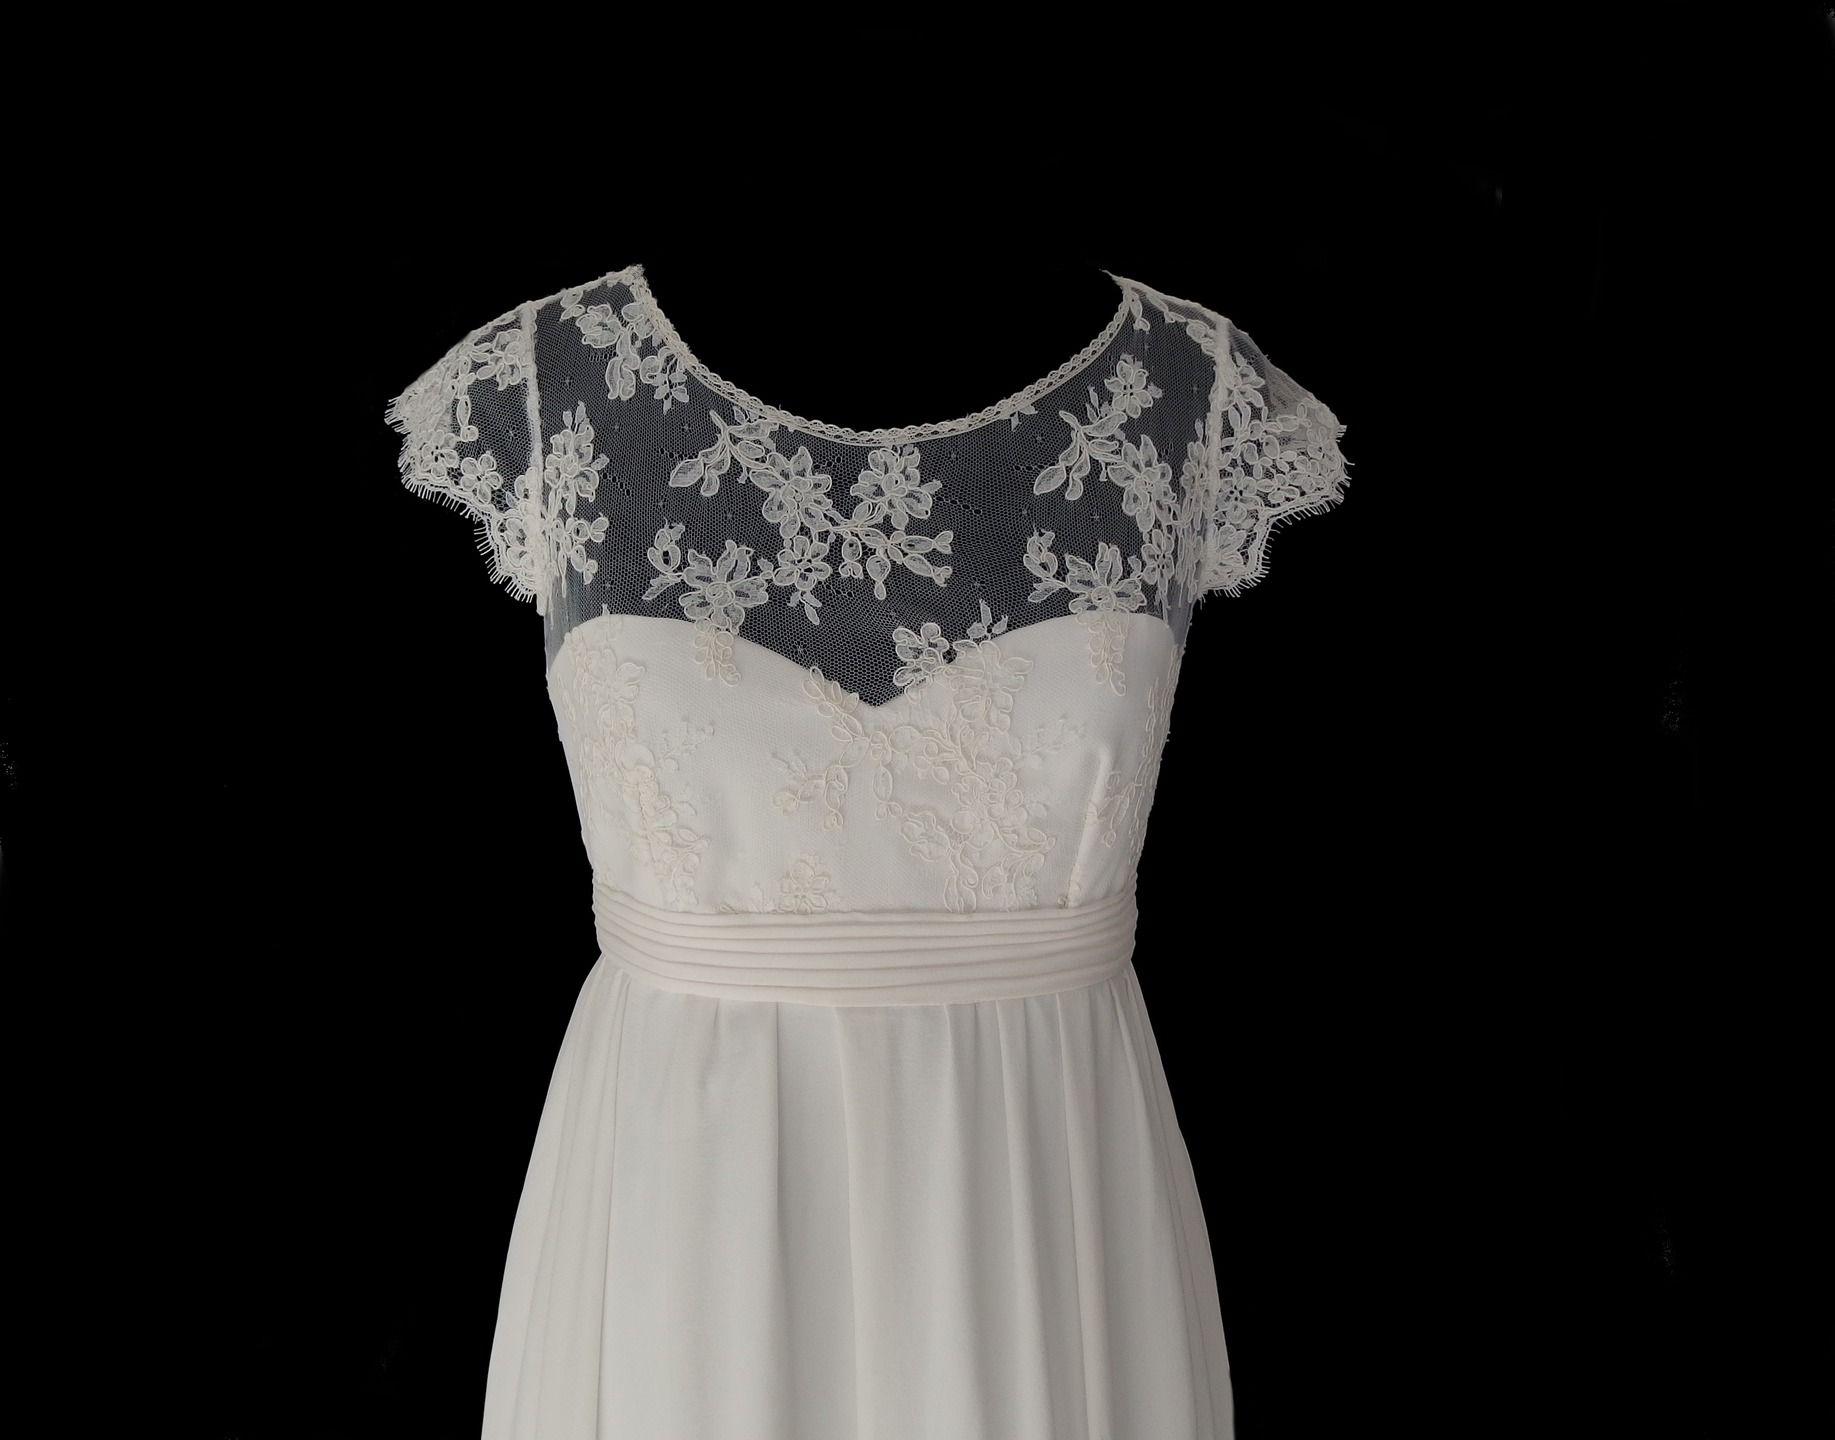 Robe blanche dentelle de calais